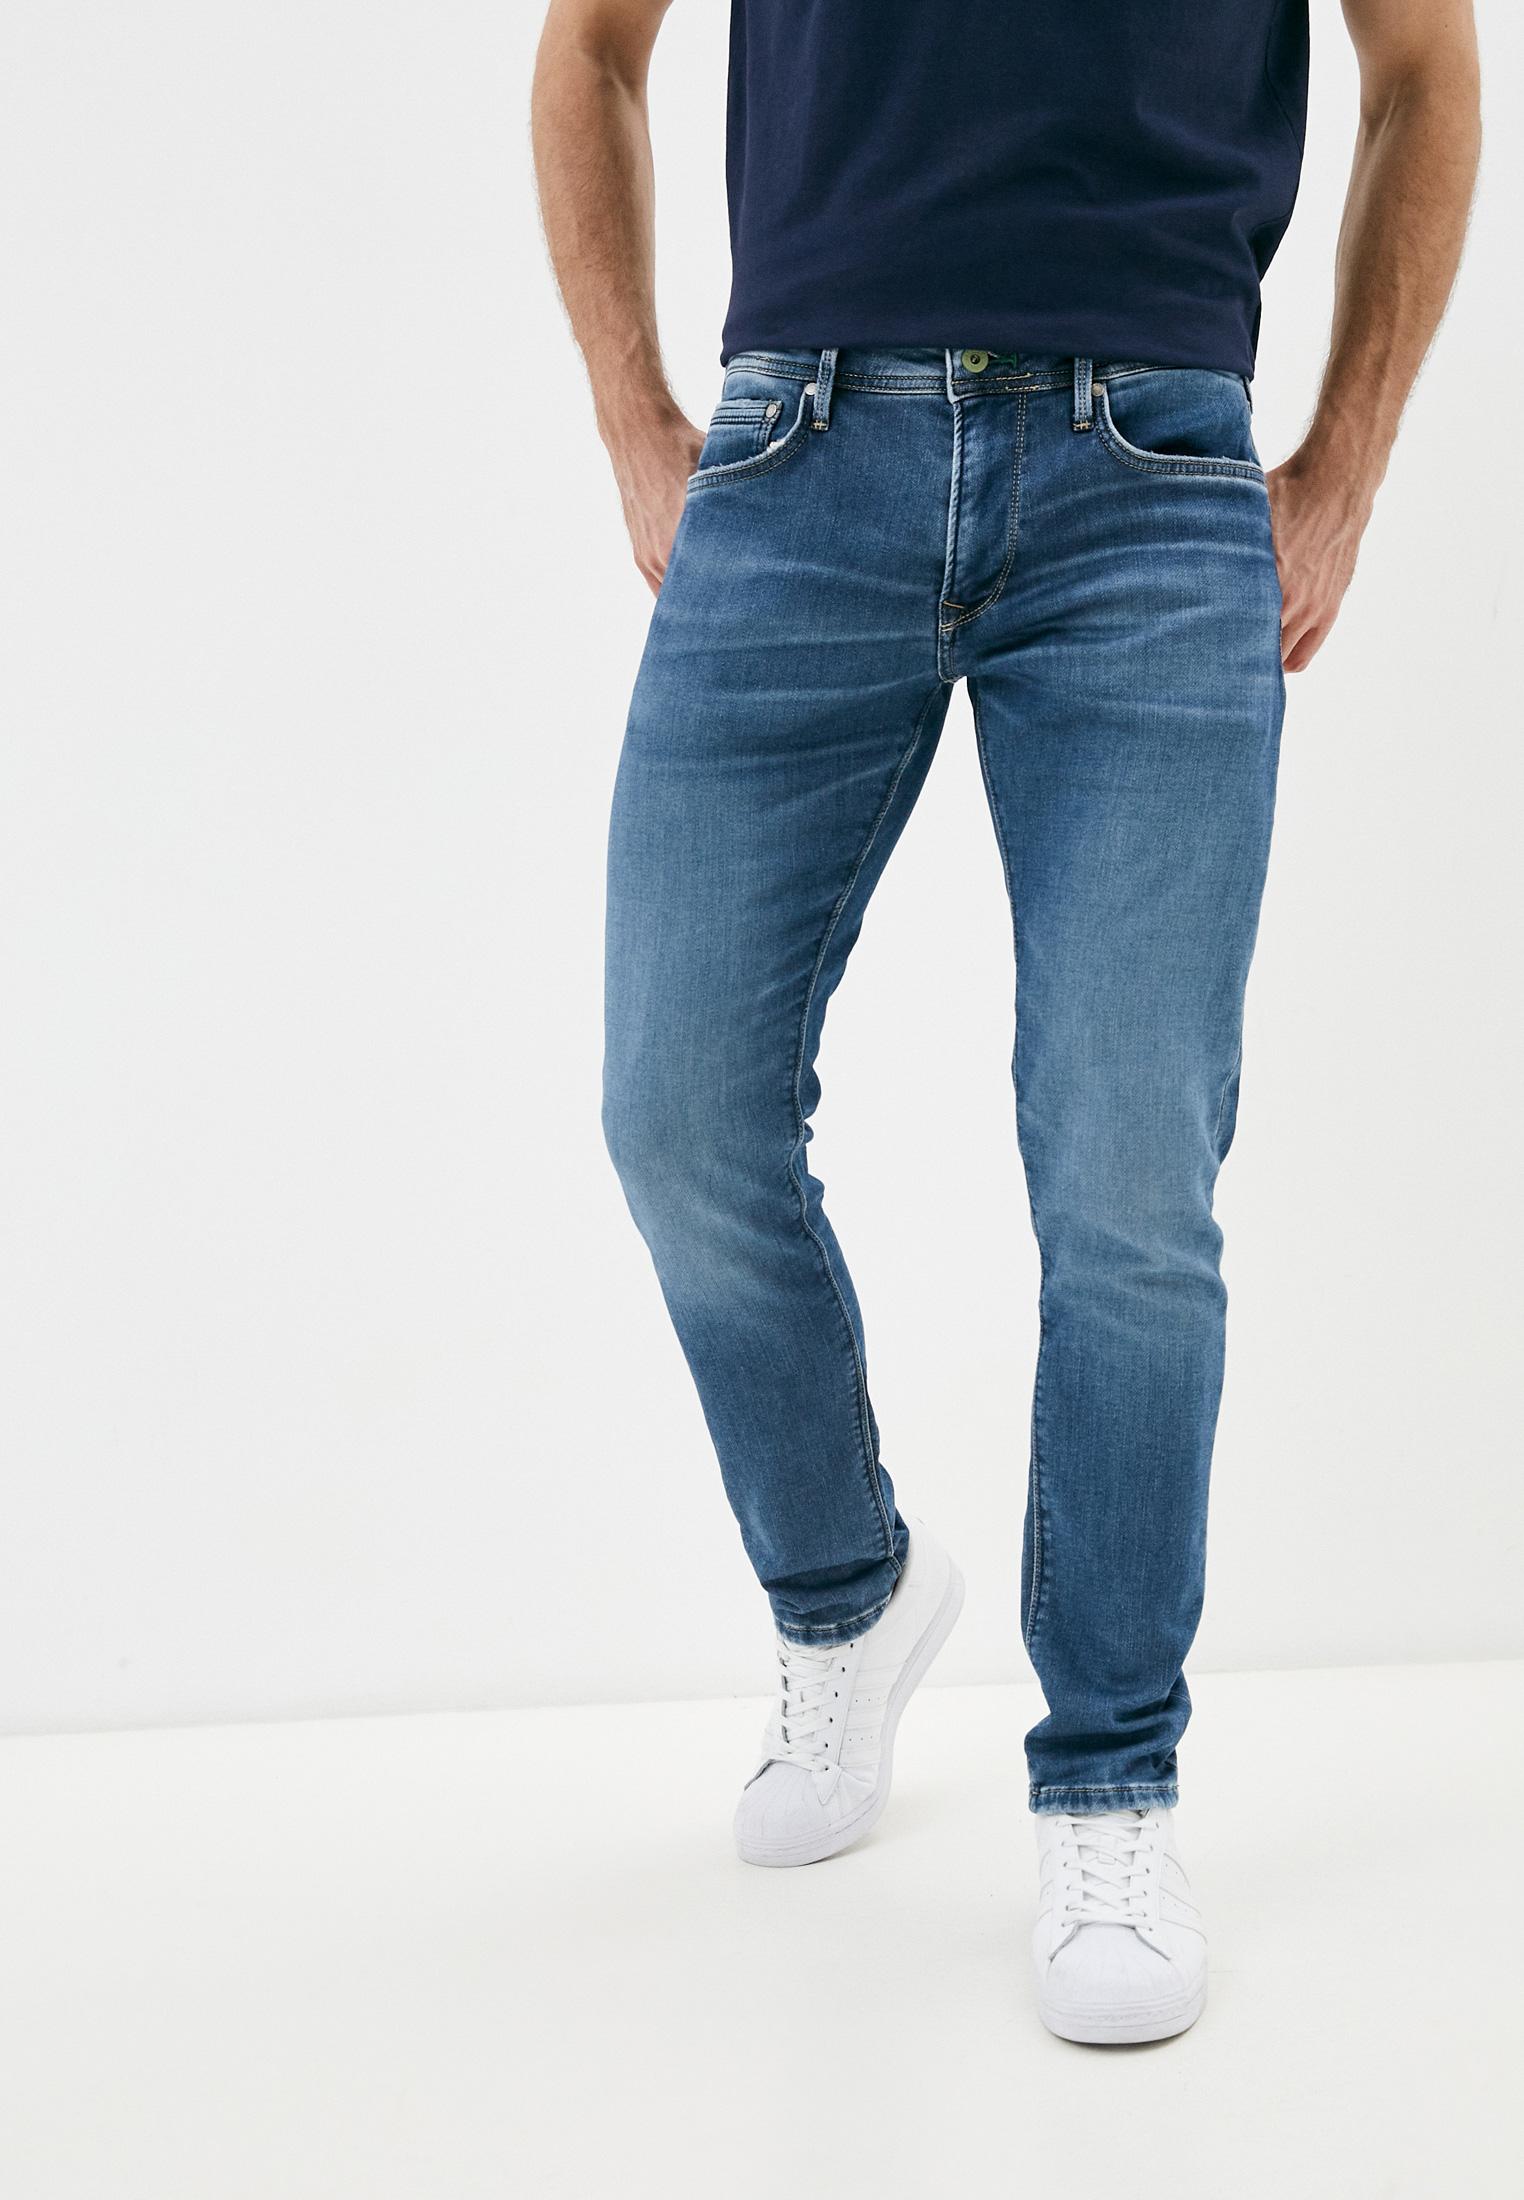 Зауженные джинсы Pepe Jeans (Пепе Джинс) PM201705WH1